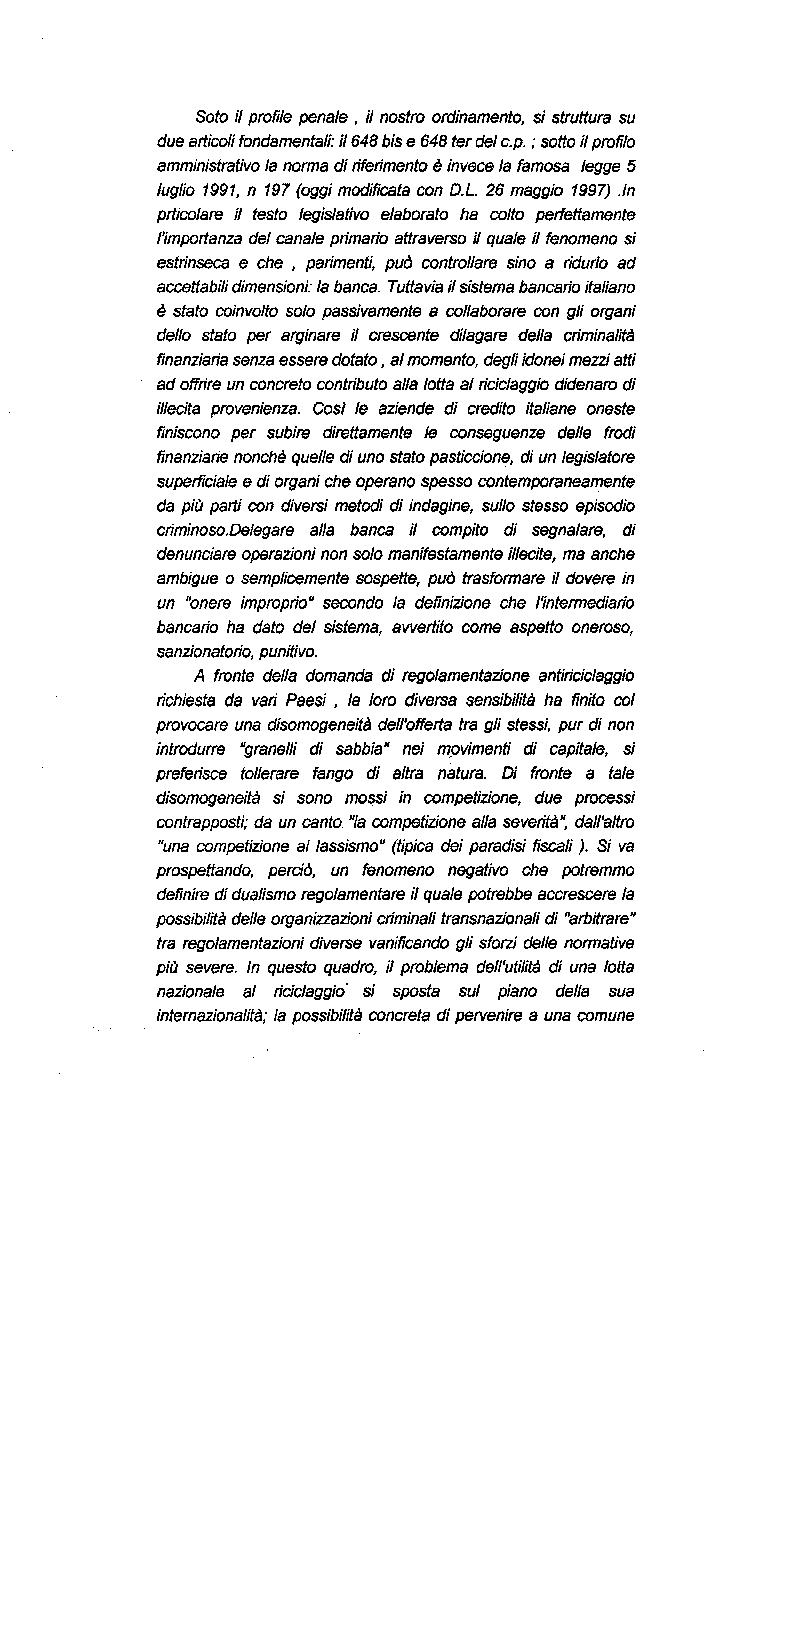 Anteprima della tesi: Il riciclaggio di proventi illeciti nel sistema finanziario contemporaneo, Pagina 8